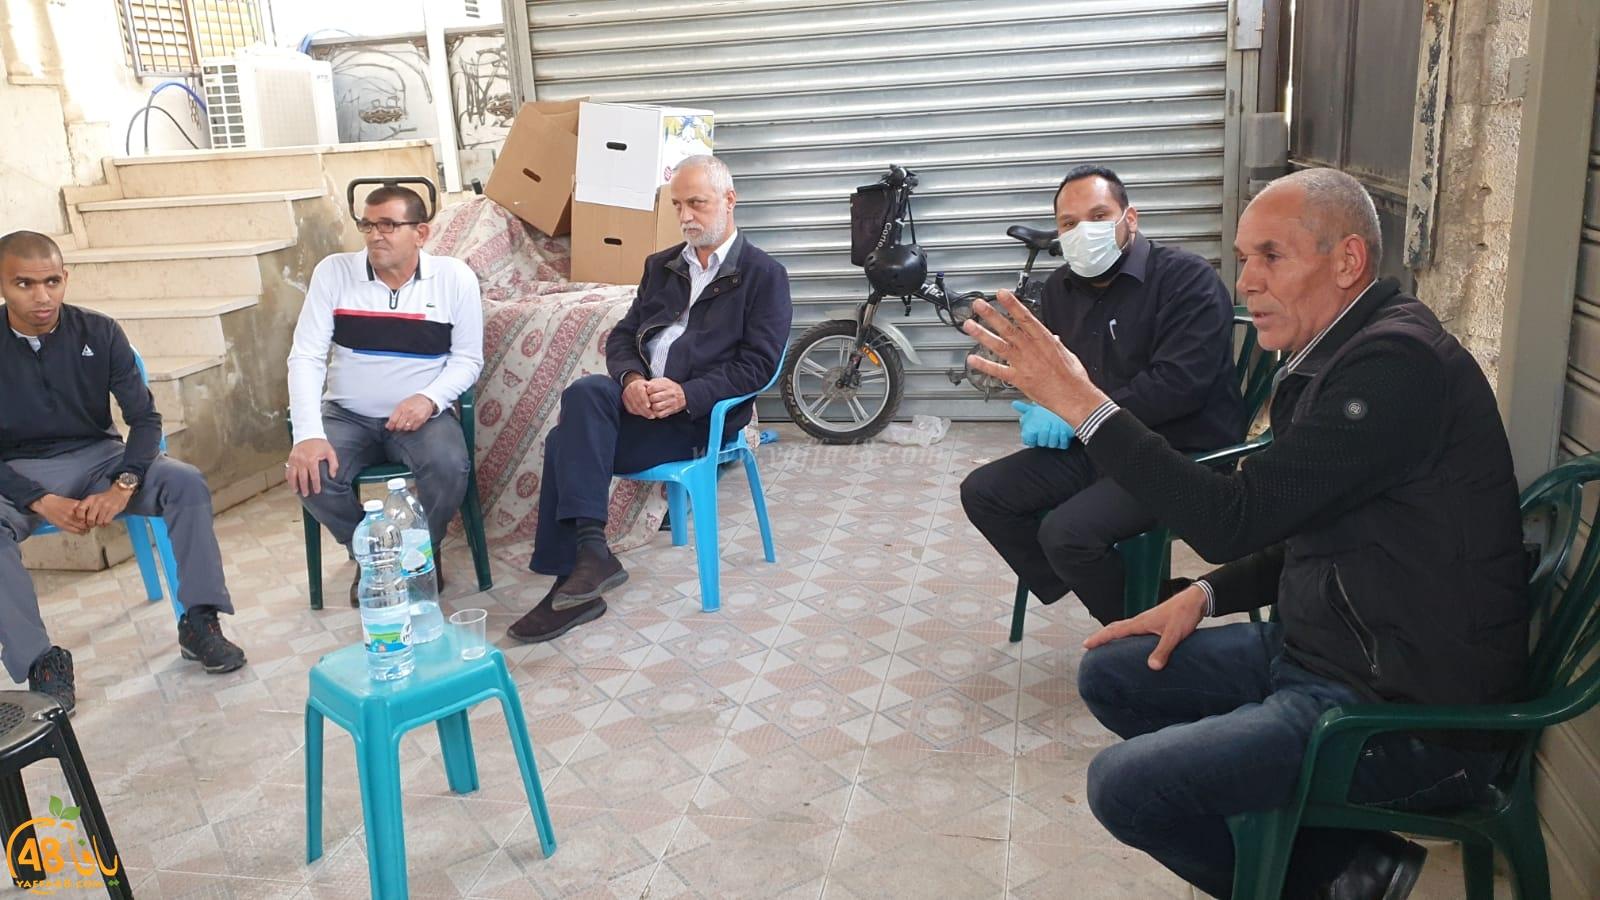 فيديو: عقد الصلح بين مؤذن وإمام مسجد النور في مدينة اللد